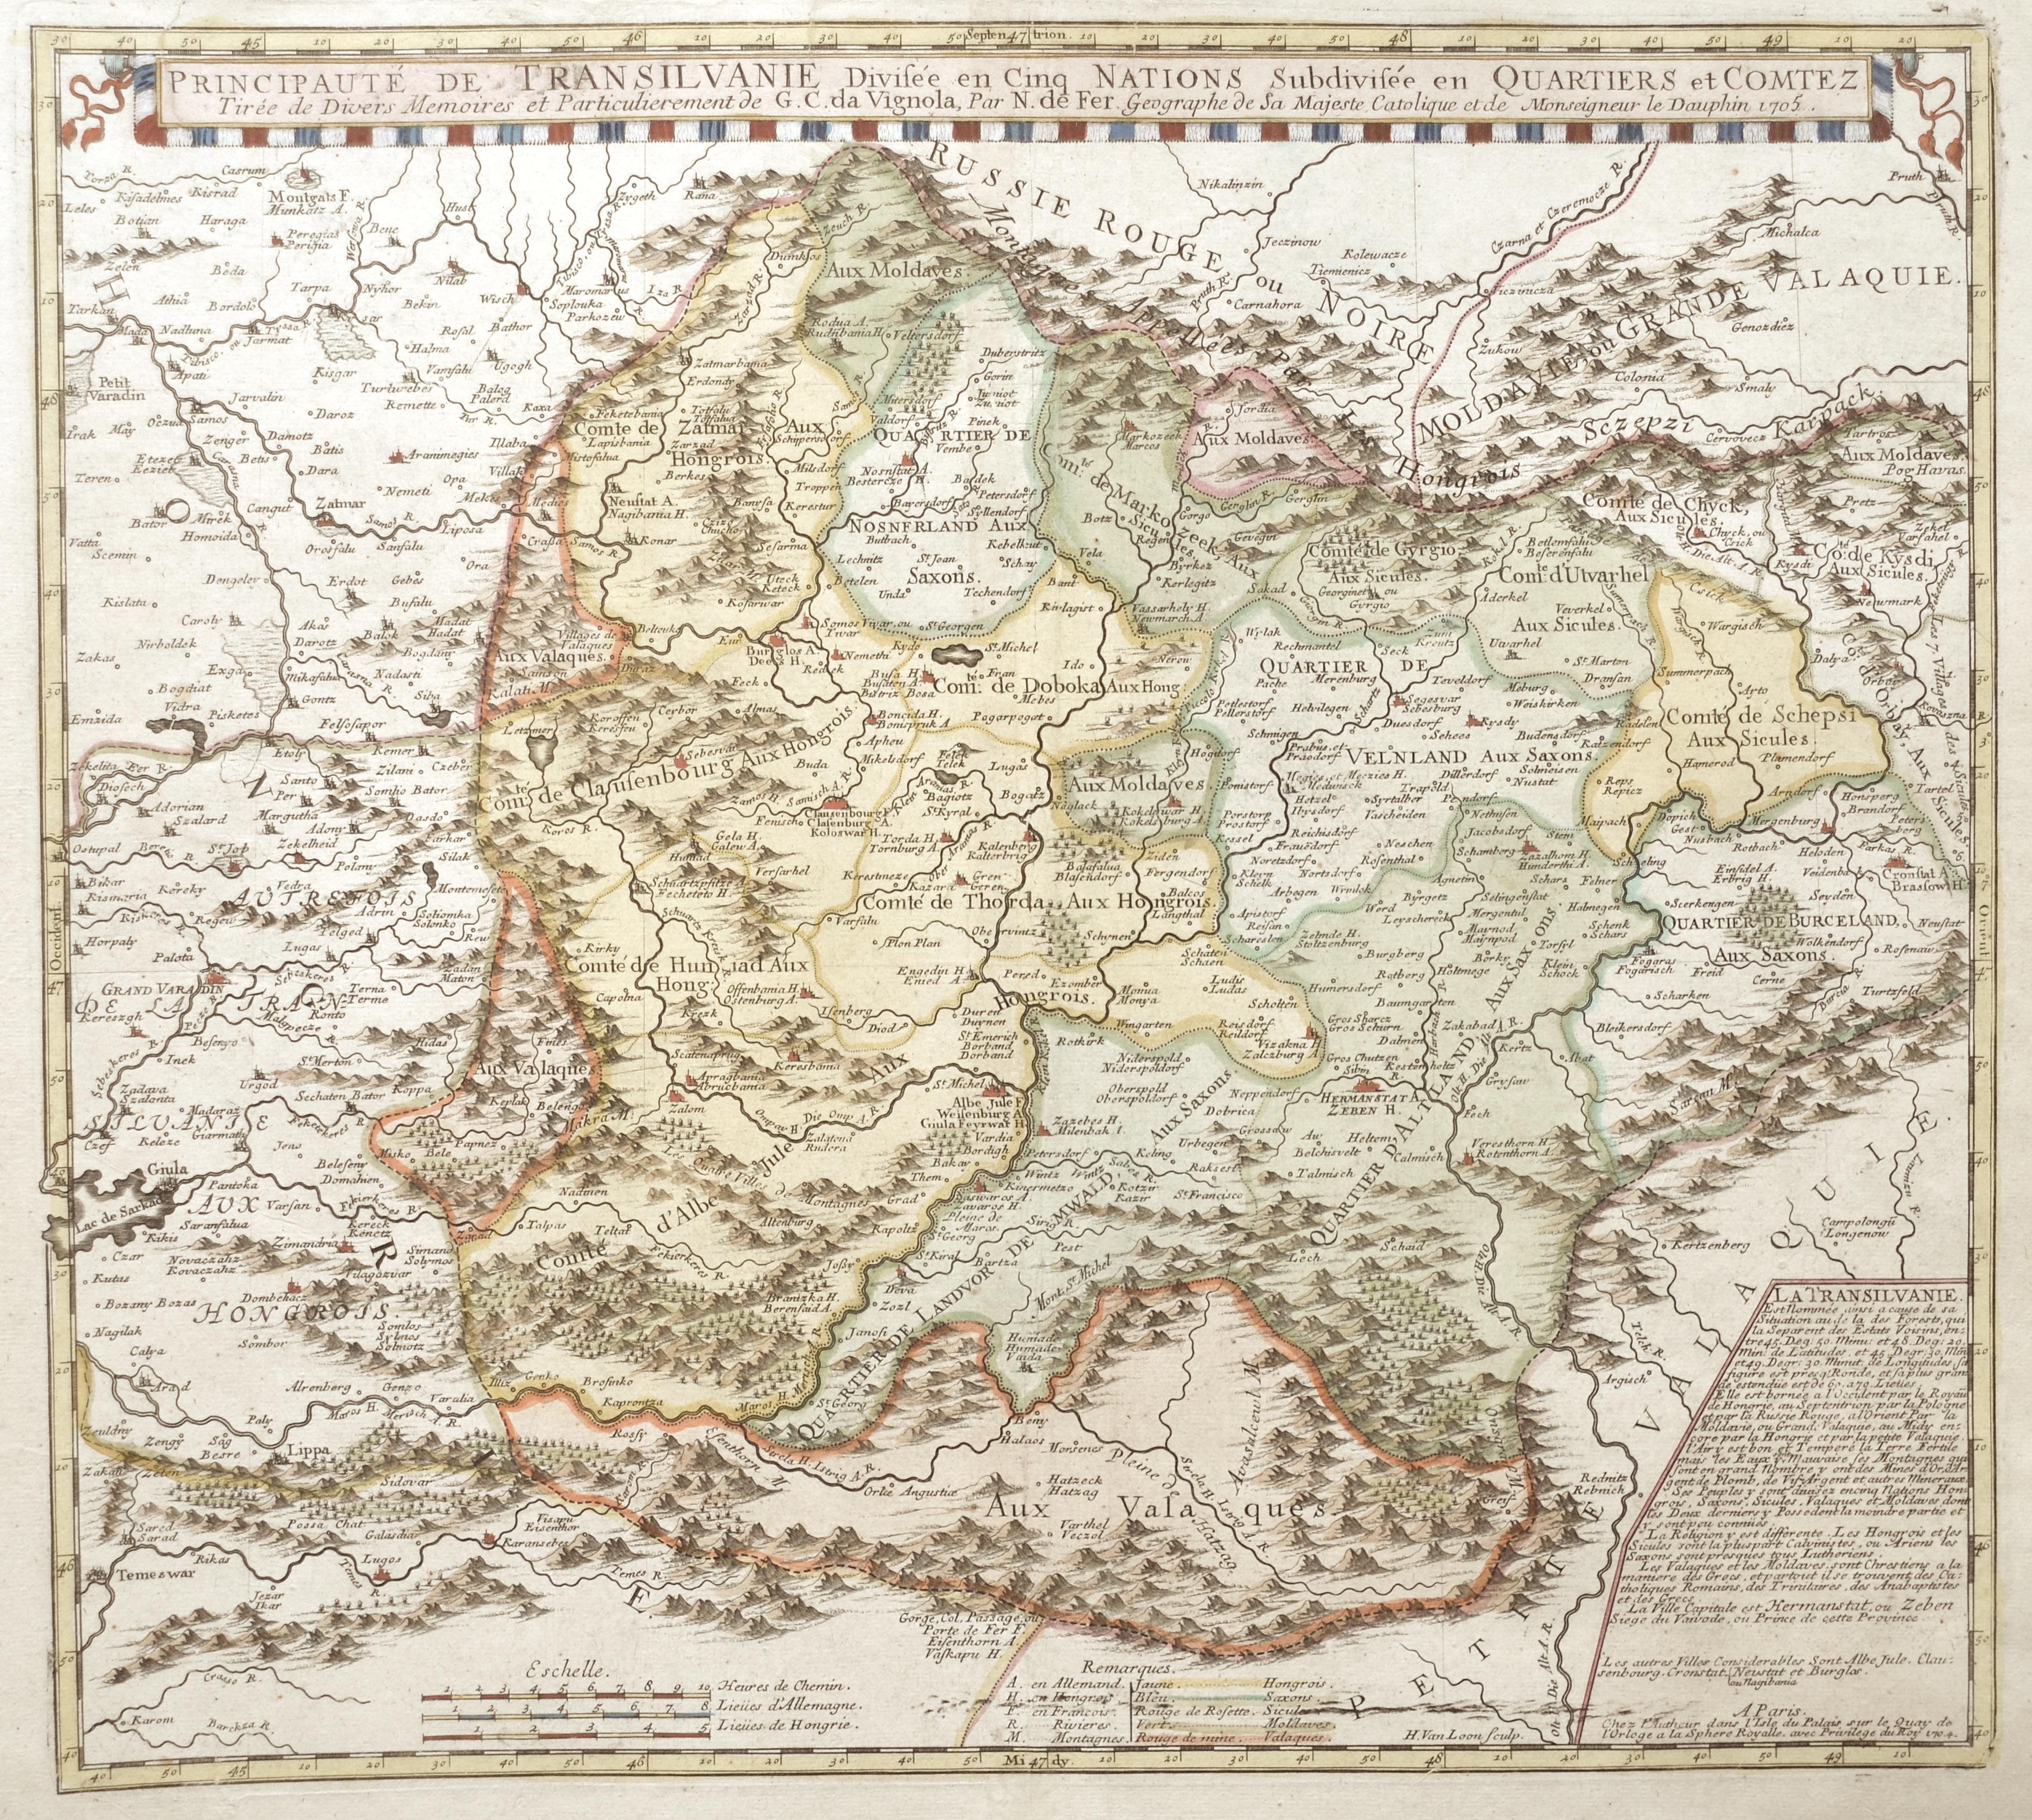 Fer, de  Principauté de Transilvanie Divisée en Cinq Nations Subdivisée en Quartiers et Comtenz